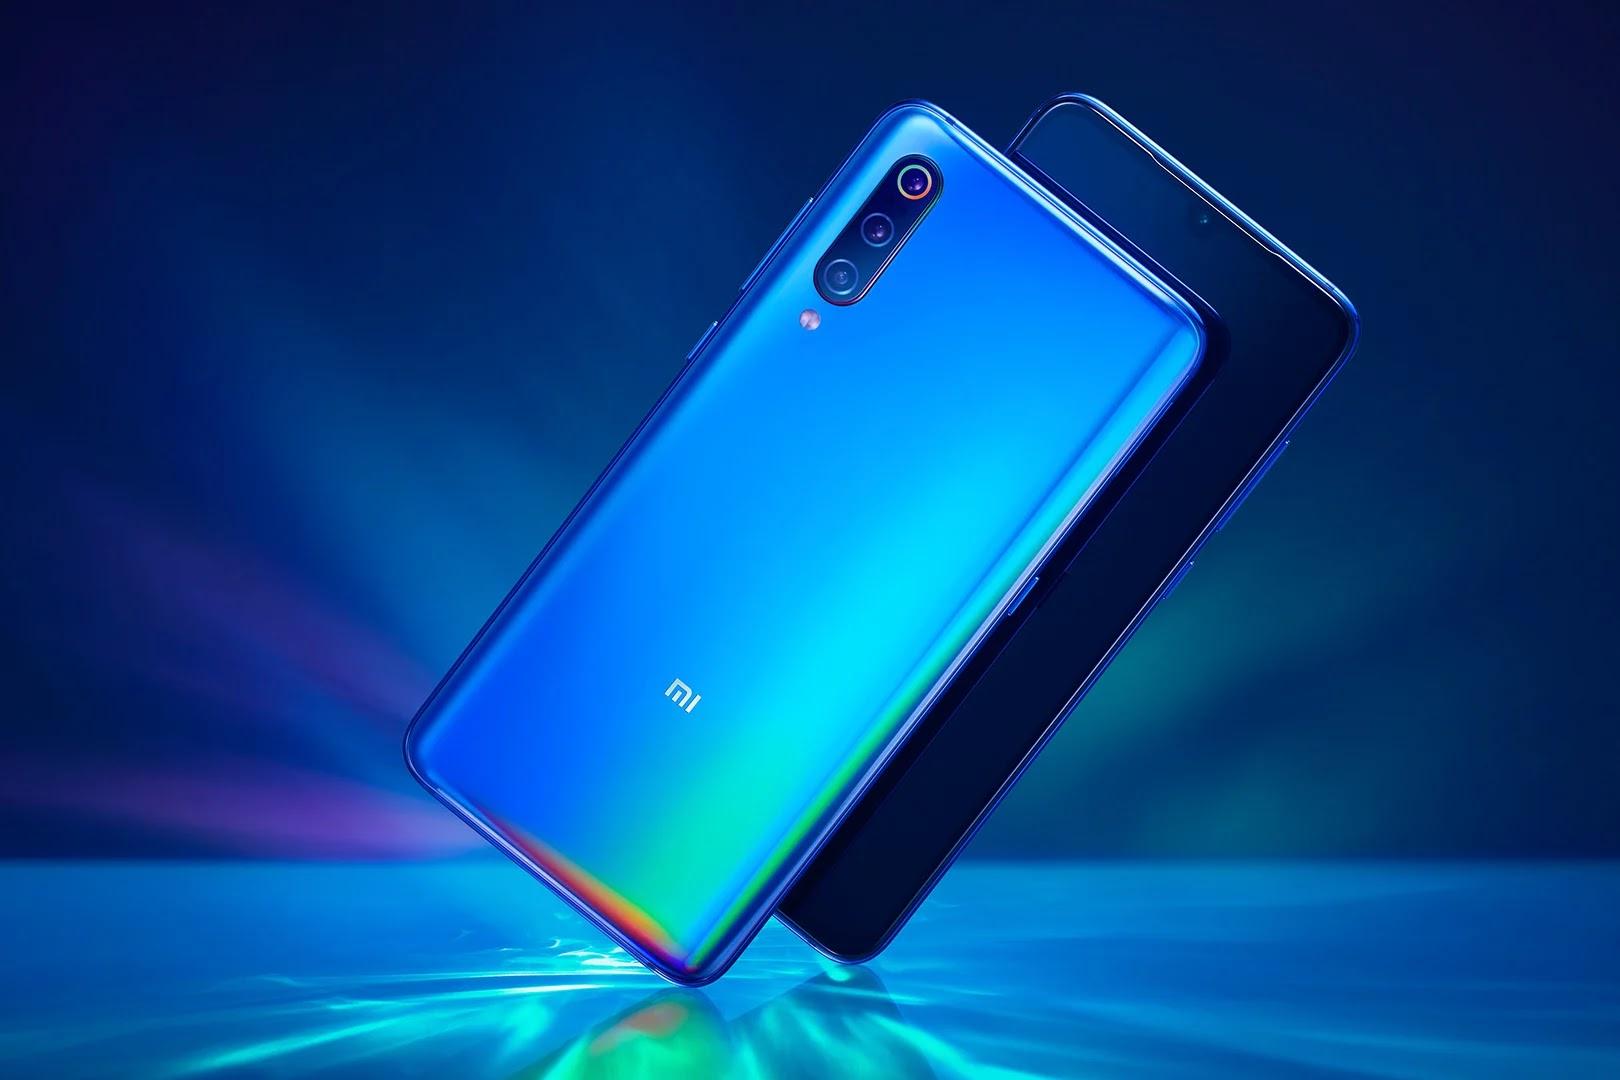 هاتف شاومي Mi 9 يحصل رسميا على تحديث MIUI 12.5 مع نظام أندرويد 11